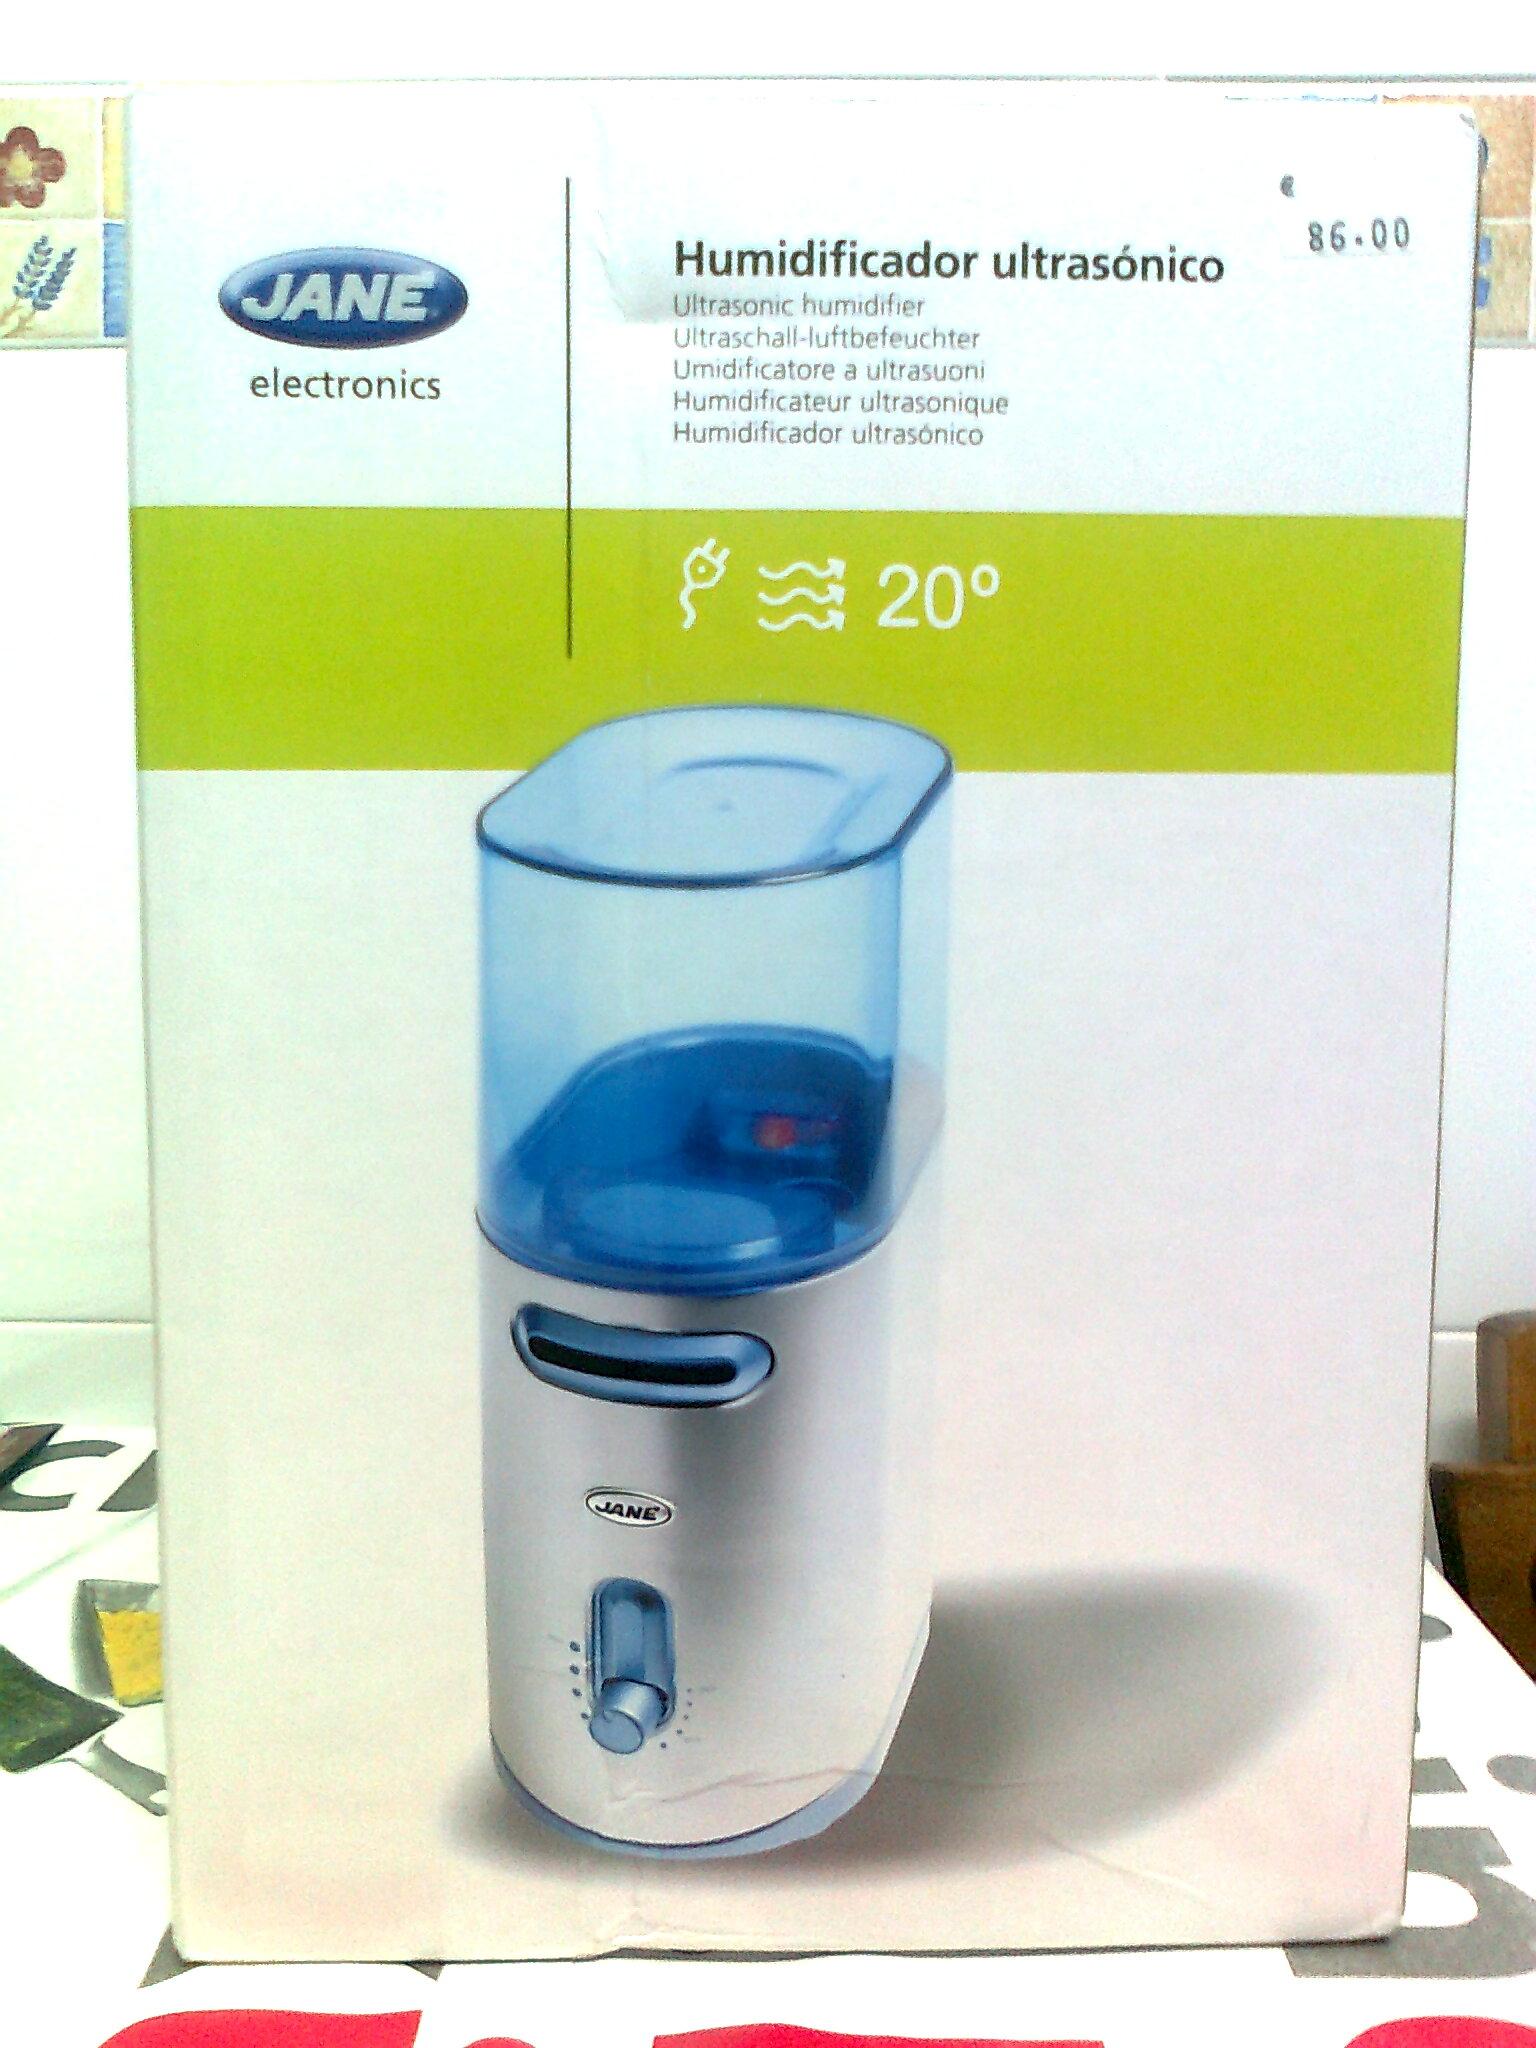 Se vende: humidificador ultrasónico (Jané)